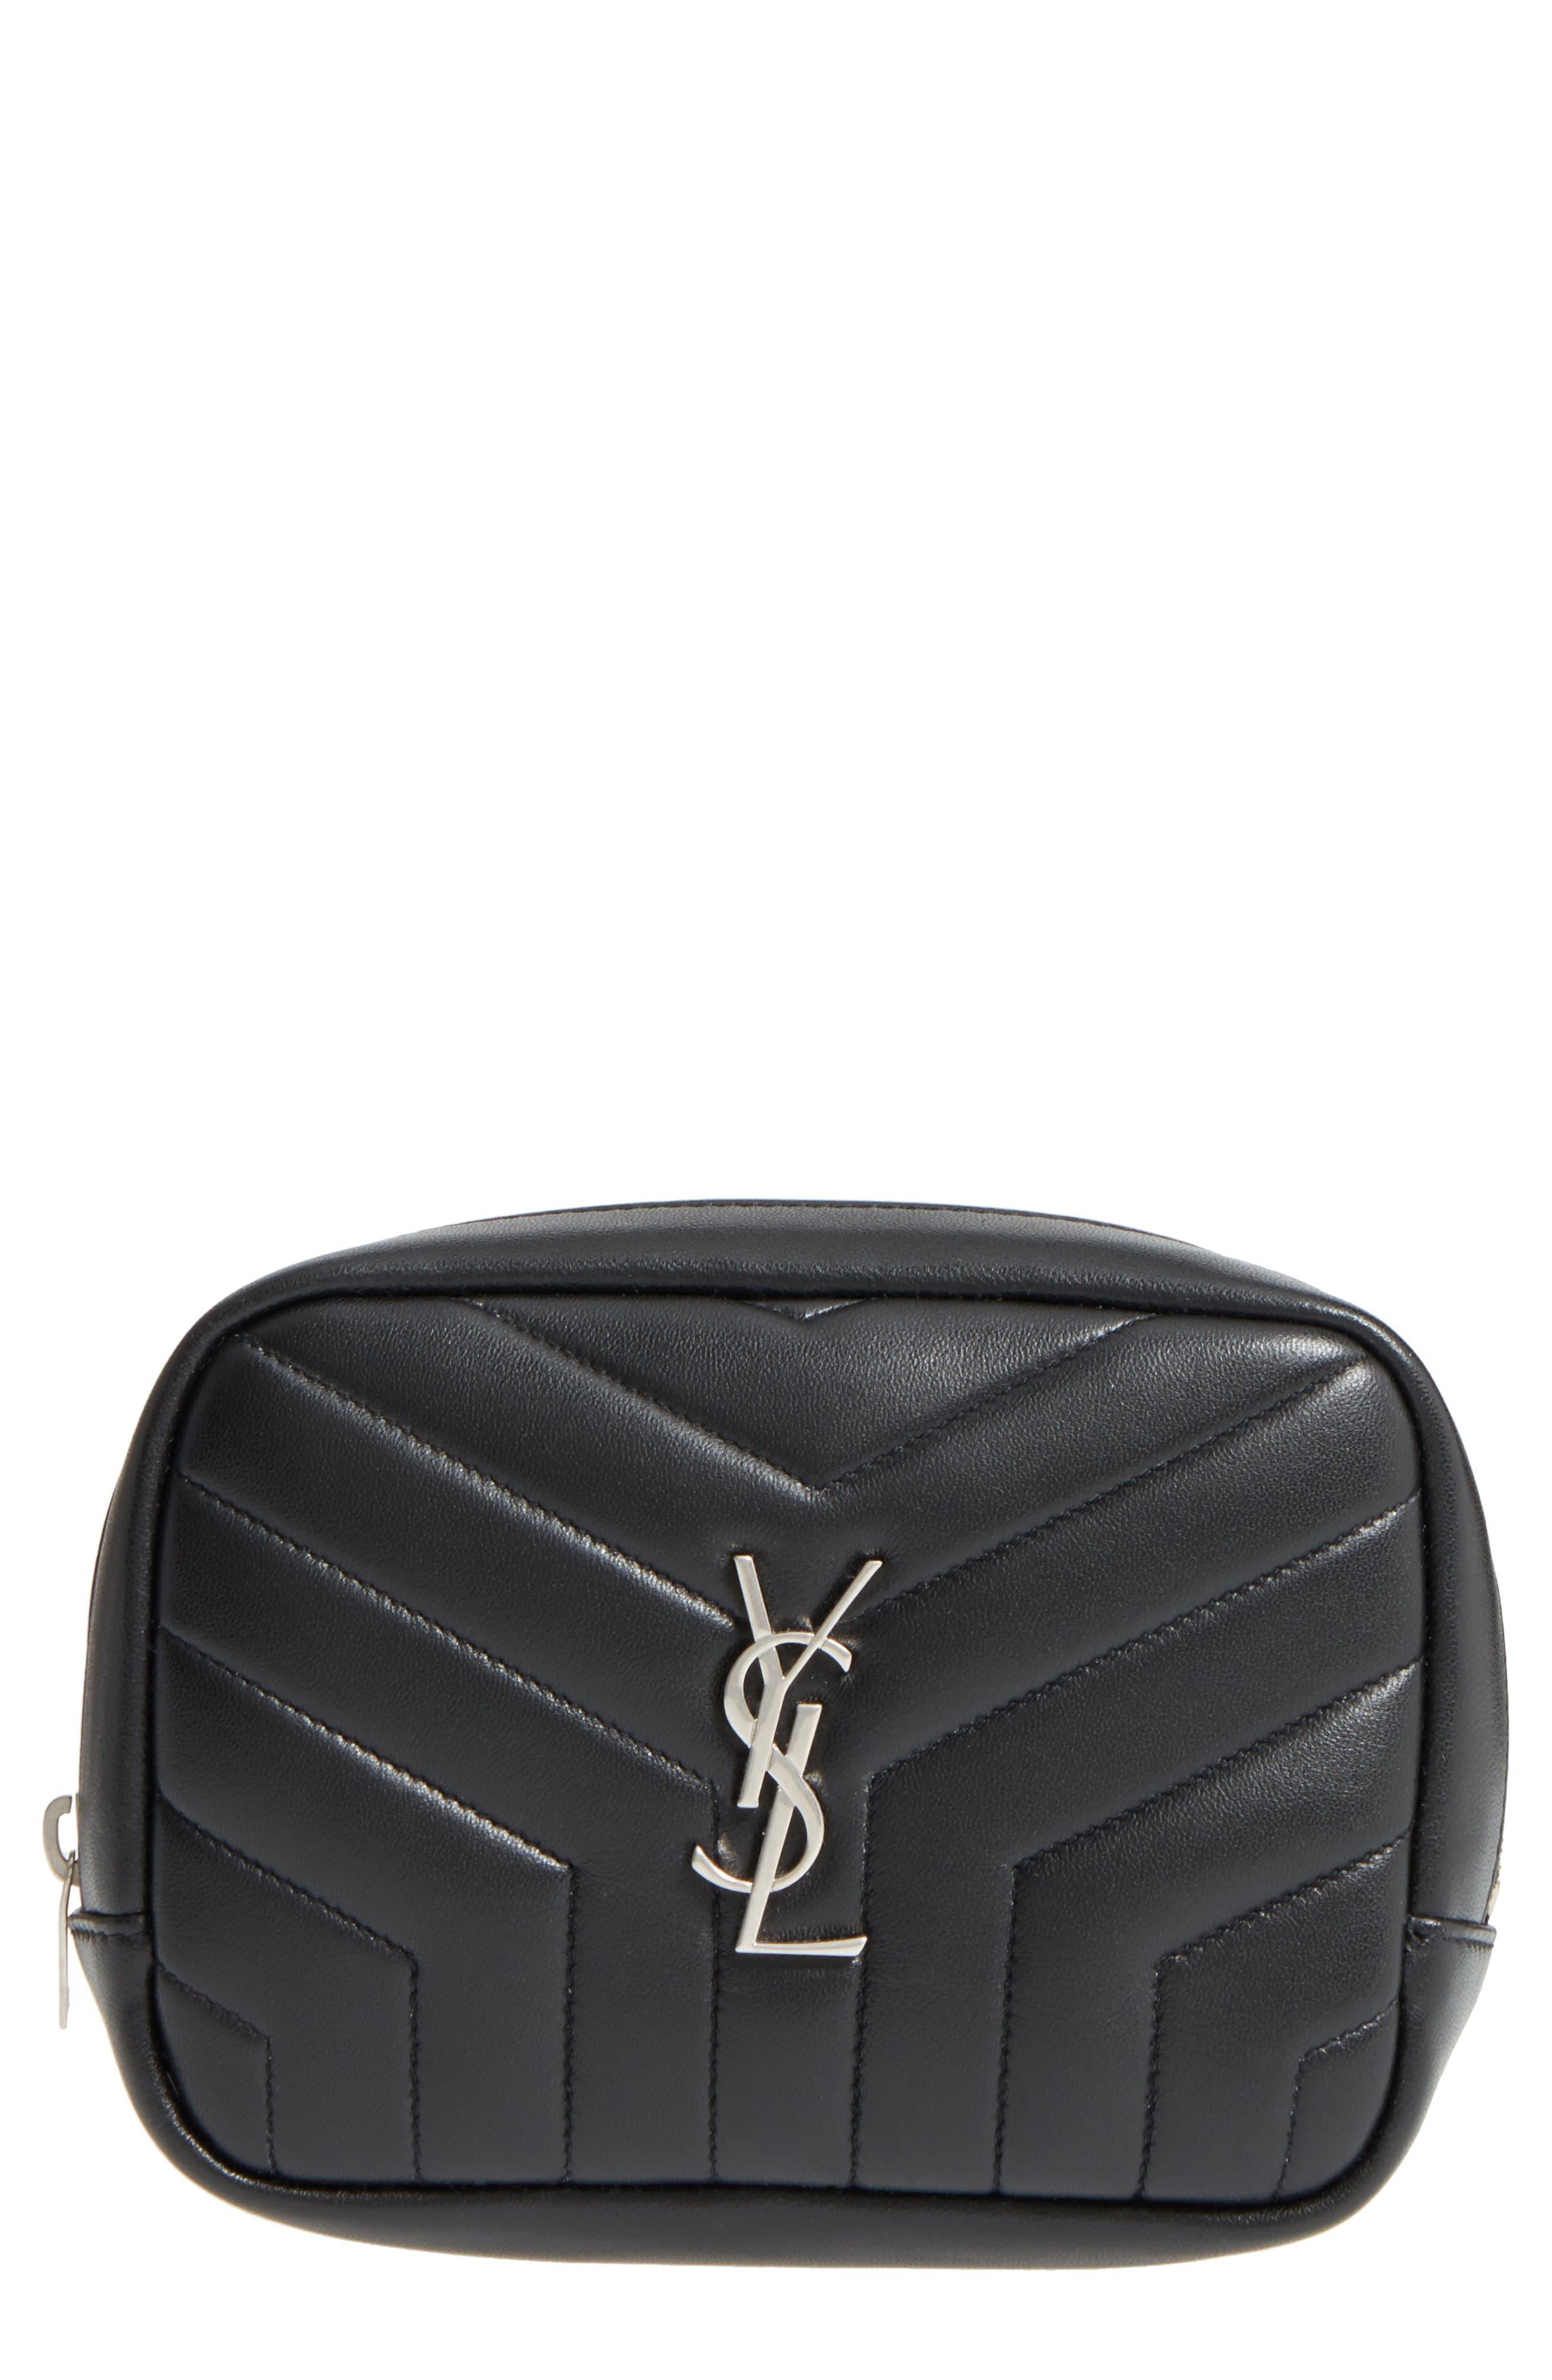 Main Image - Saint Laurent Loulou Matelassé Leather Cosmetics Case